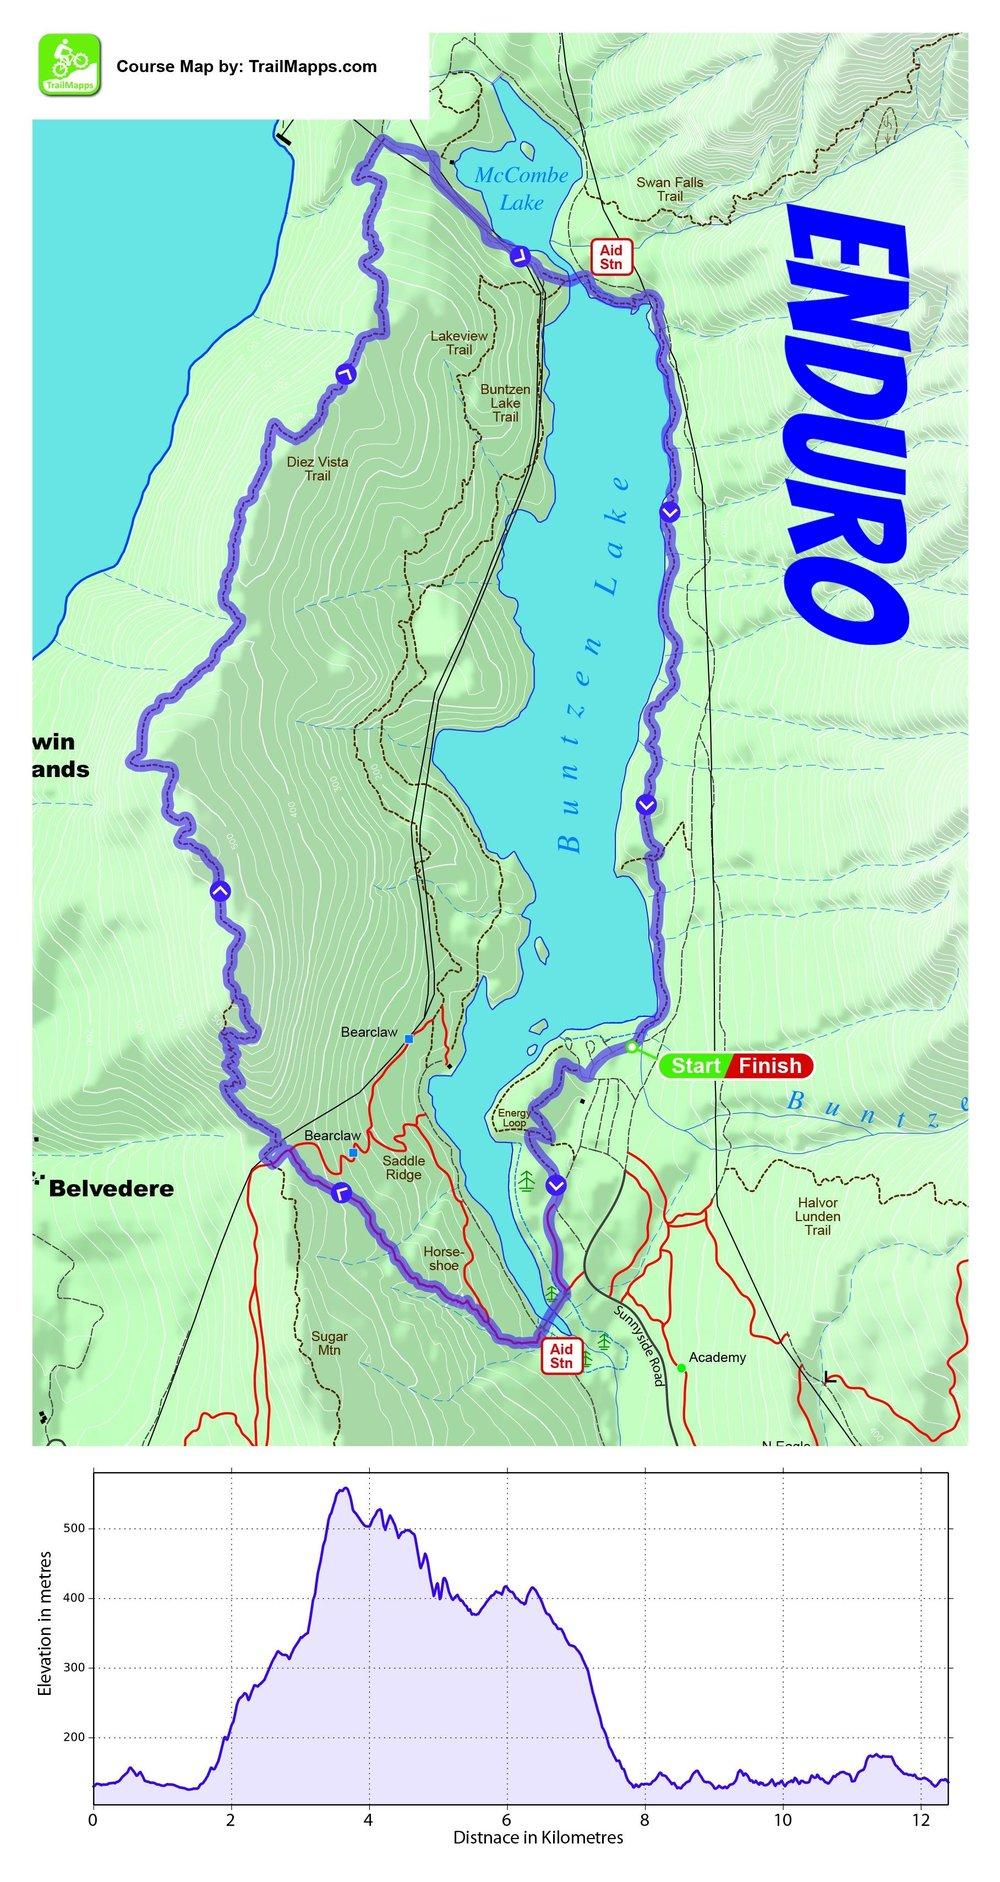 ENDURO MAP